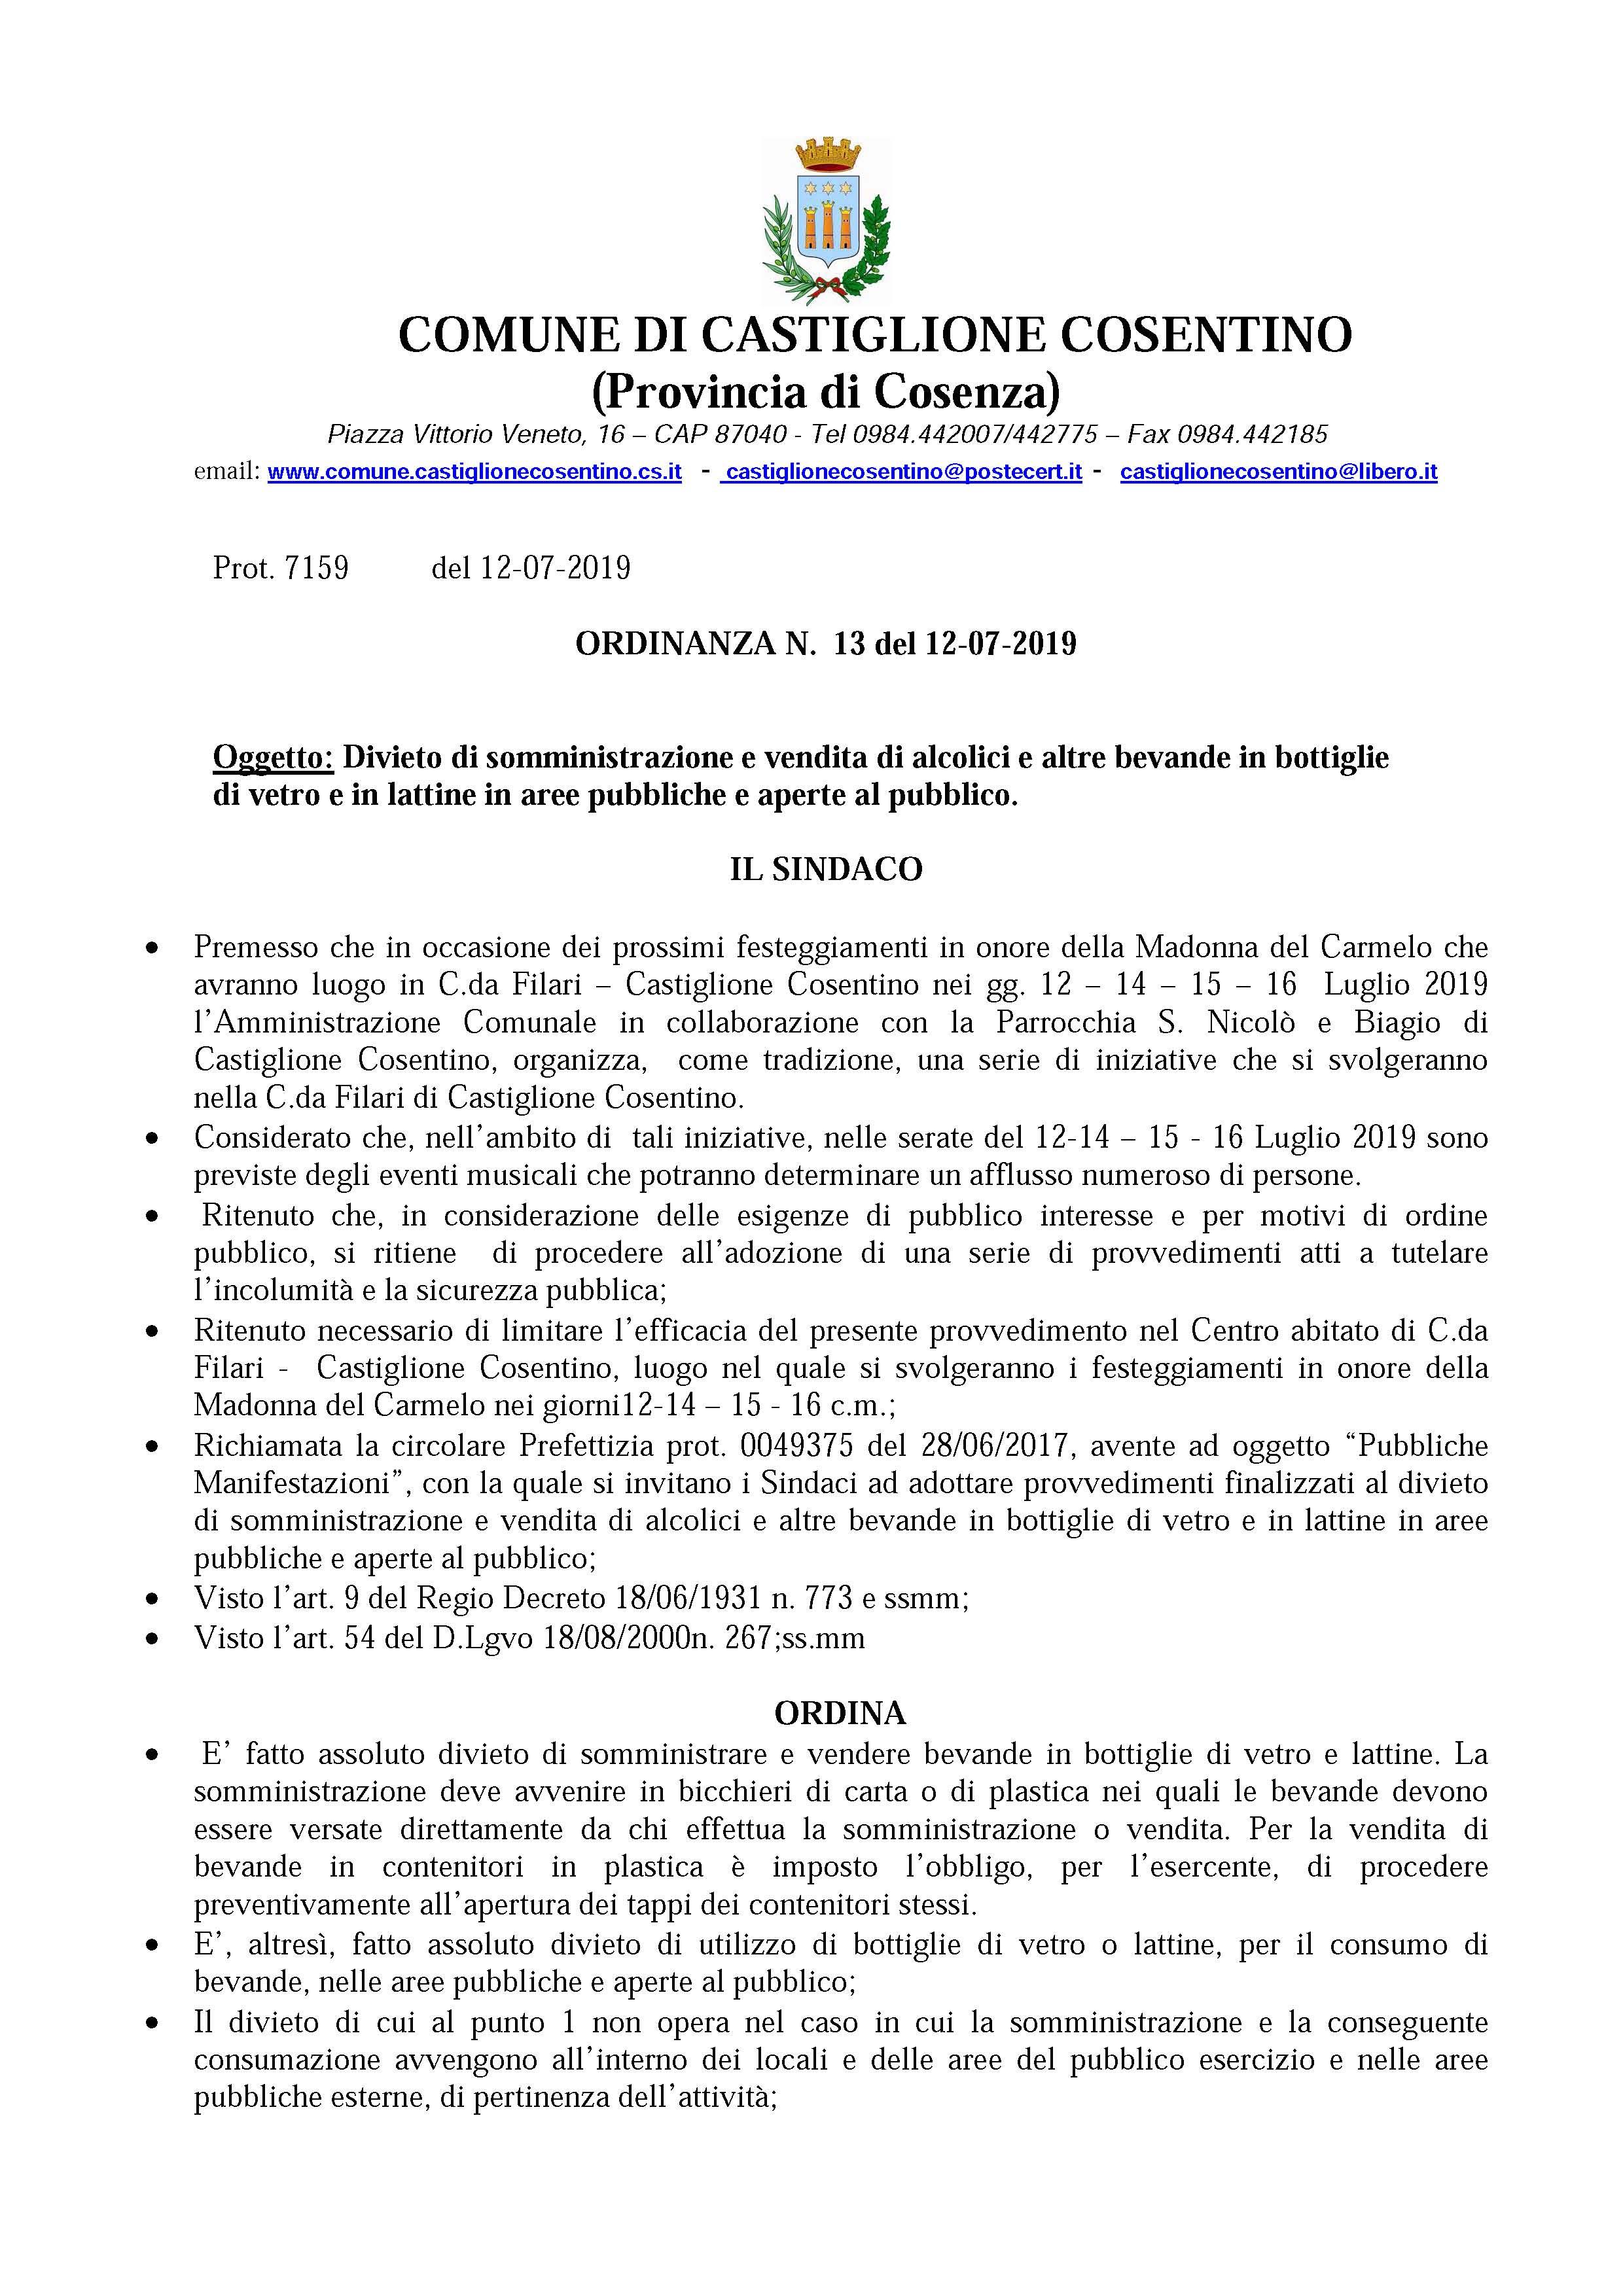 Ordinanza N°13 del 12.07.2019